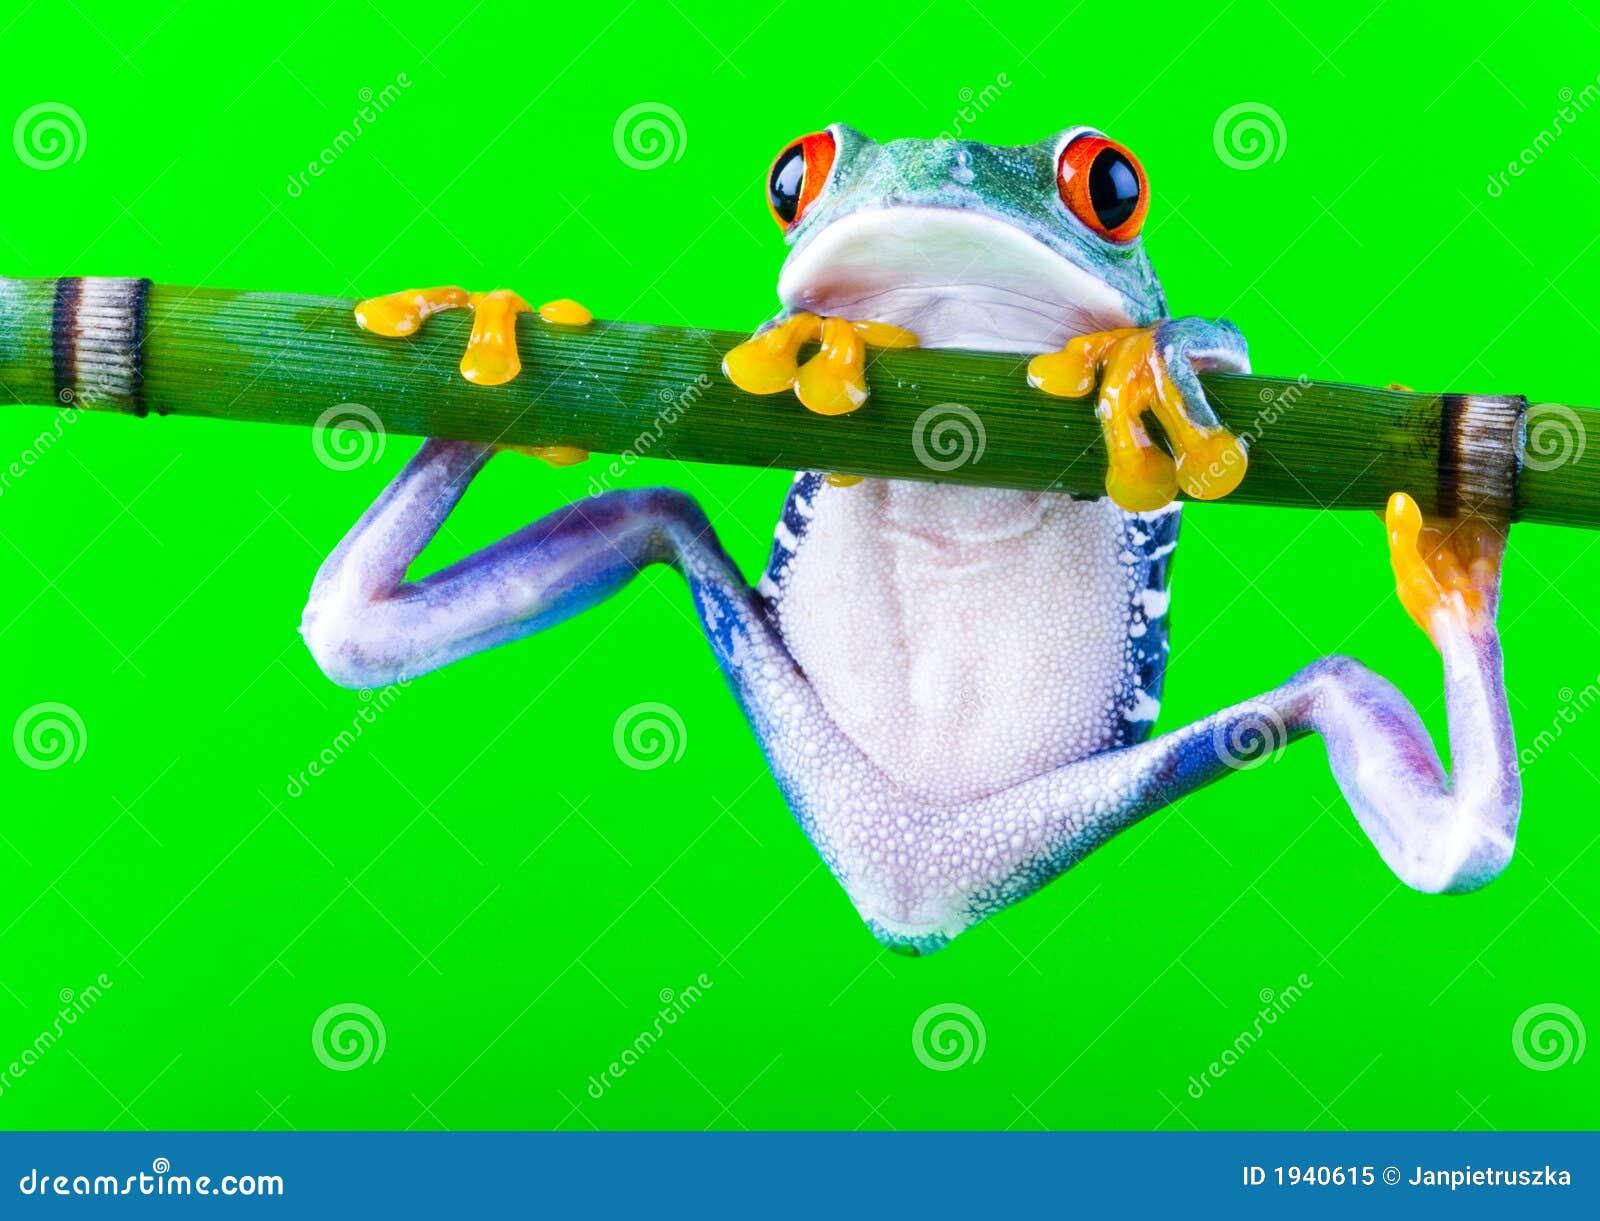 Verrückter Frosch stockbild. Bild von frösche, farben - 1940615